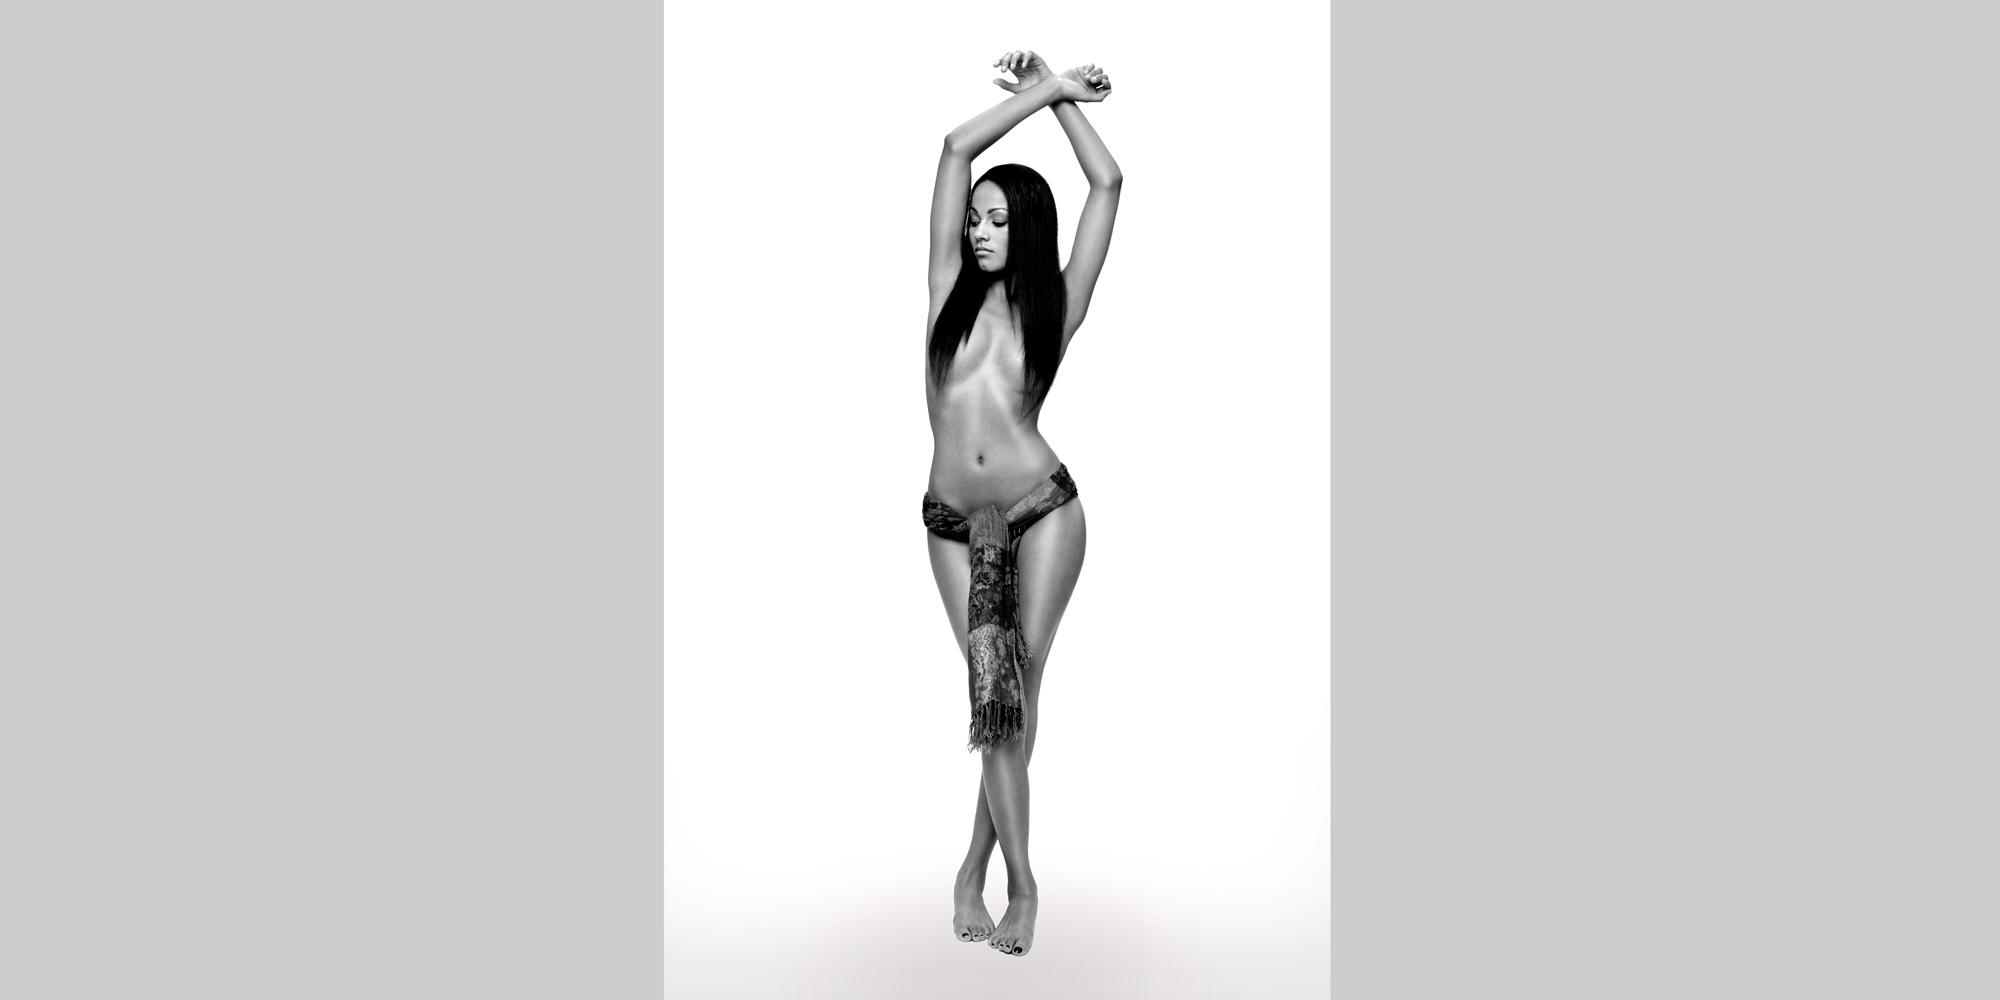 Ästhetisches erotisches Ganzkörperportrait einer nackten, exotischen Frau, deren langes Haar ihre Brust bedeckt und die einen Schal um Hüfte und Genitalien trägt.